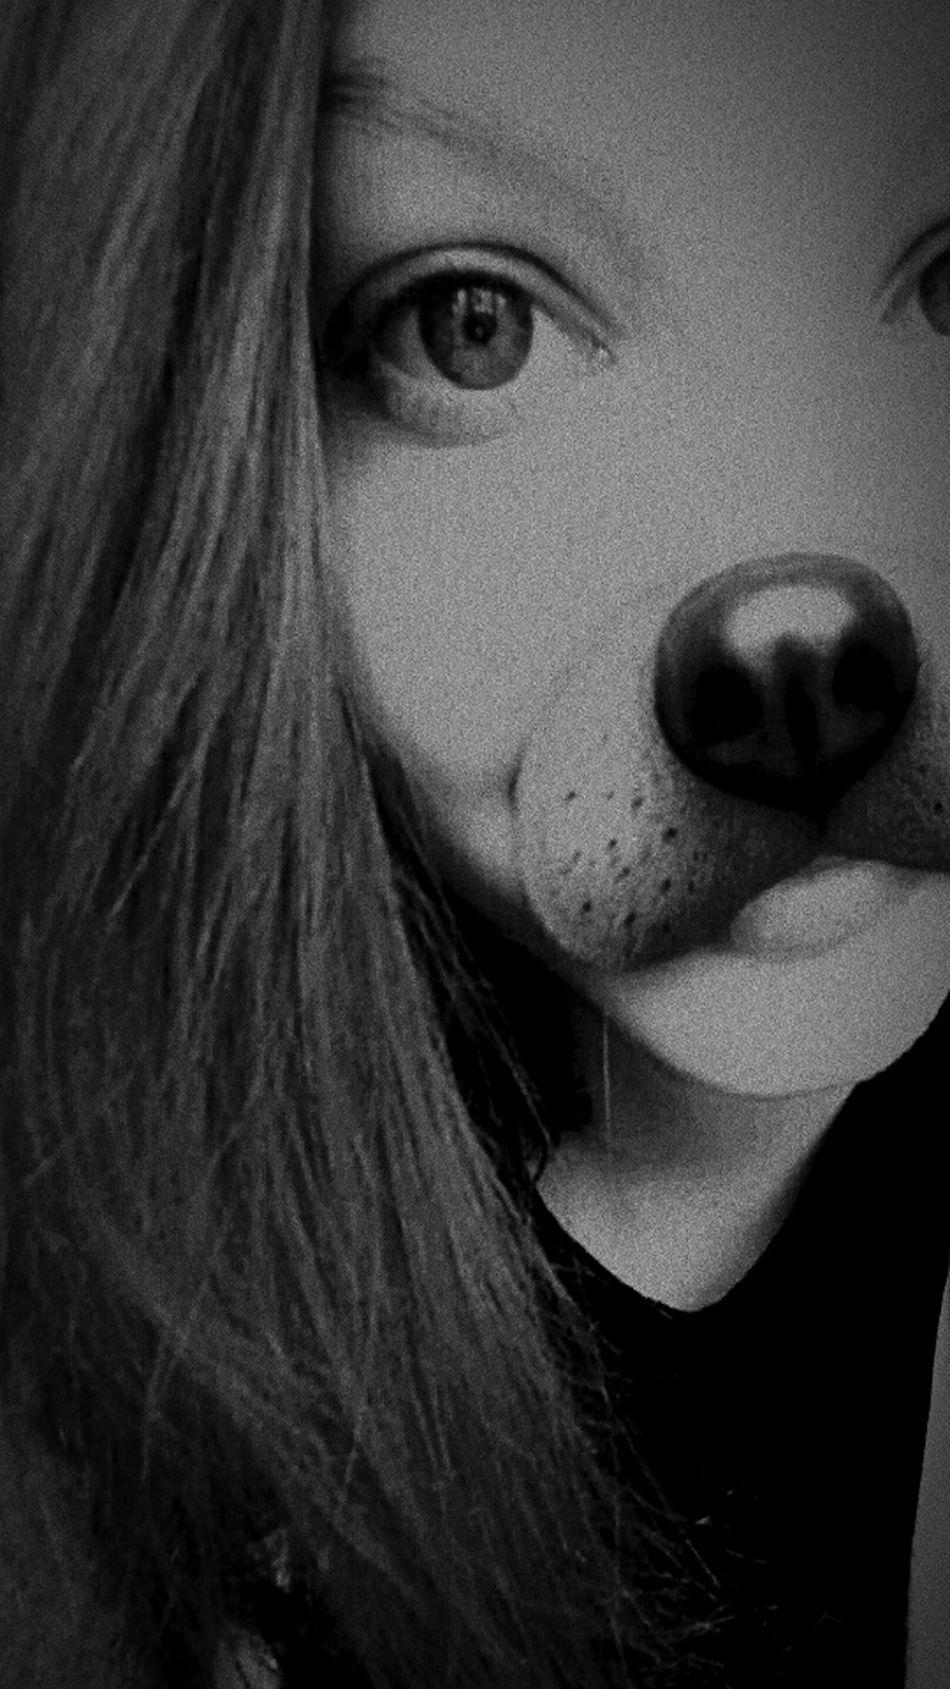 DONT LOOK! !IM NOT PERFECT. I HAVE BEUTIFUL HEART. . ImNormal LOL! Creepy Night Dark Wolf follow #f4f #followme #TagsForLikes #TFLers #followforfollow #follow4follow #teamfollowback #followher followbackteam followh Followers Following Follower Follows Followhim Follow Me :) Follow_me Love??? Not